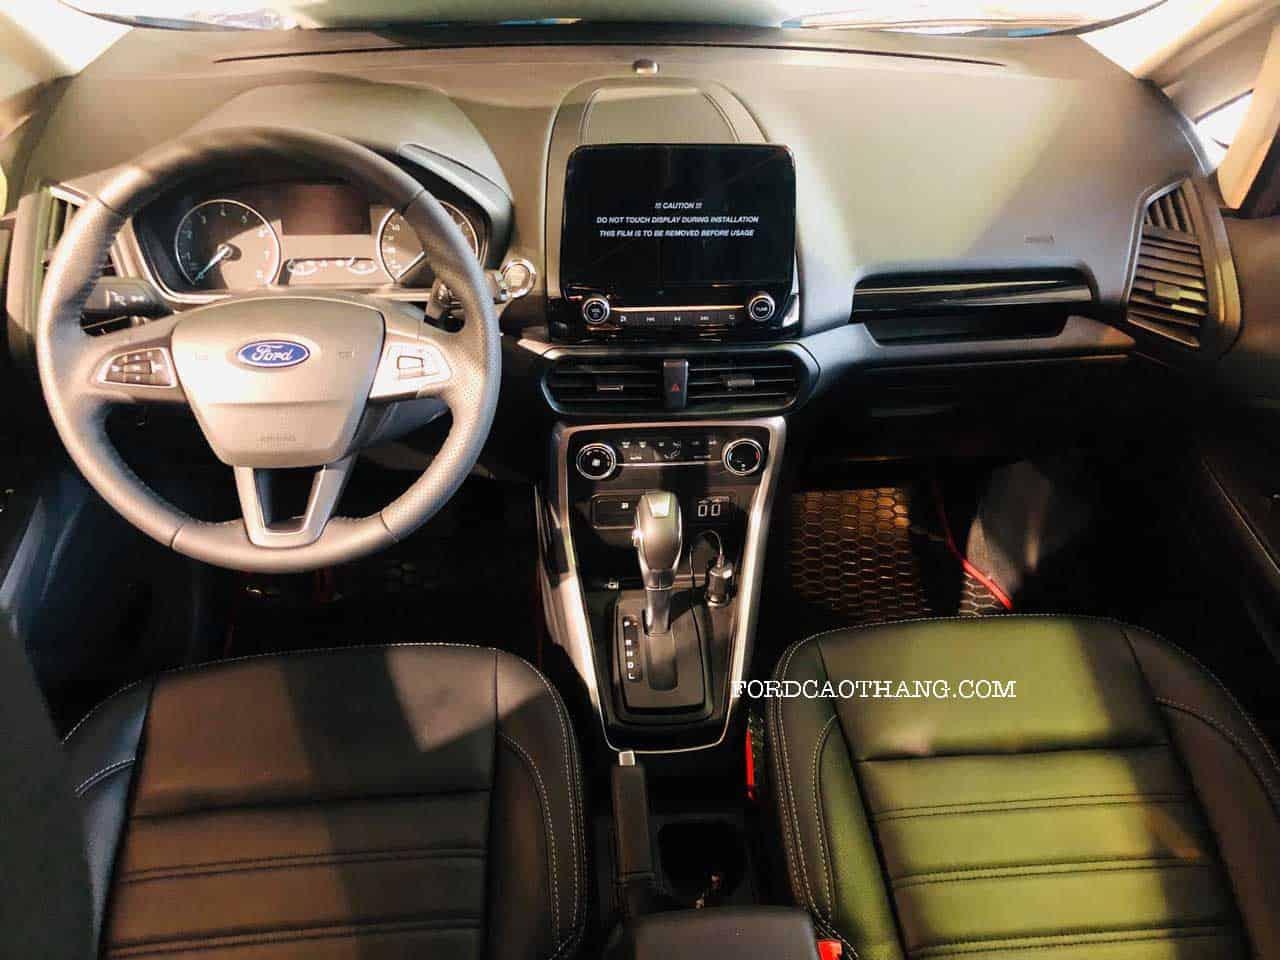 Khoang lái ford ecopsort titanium 2020